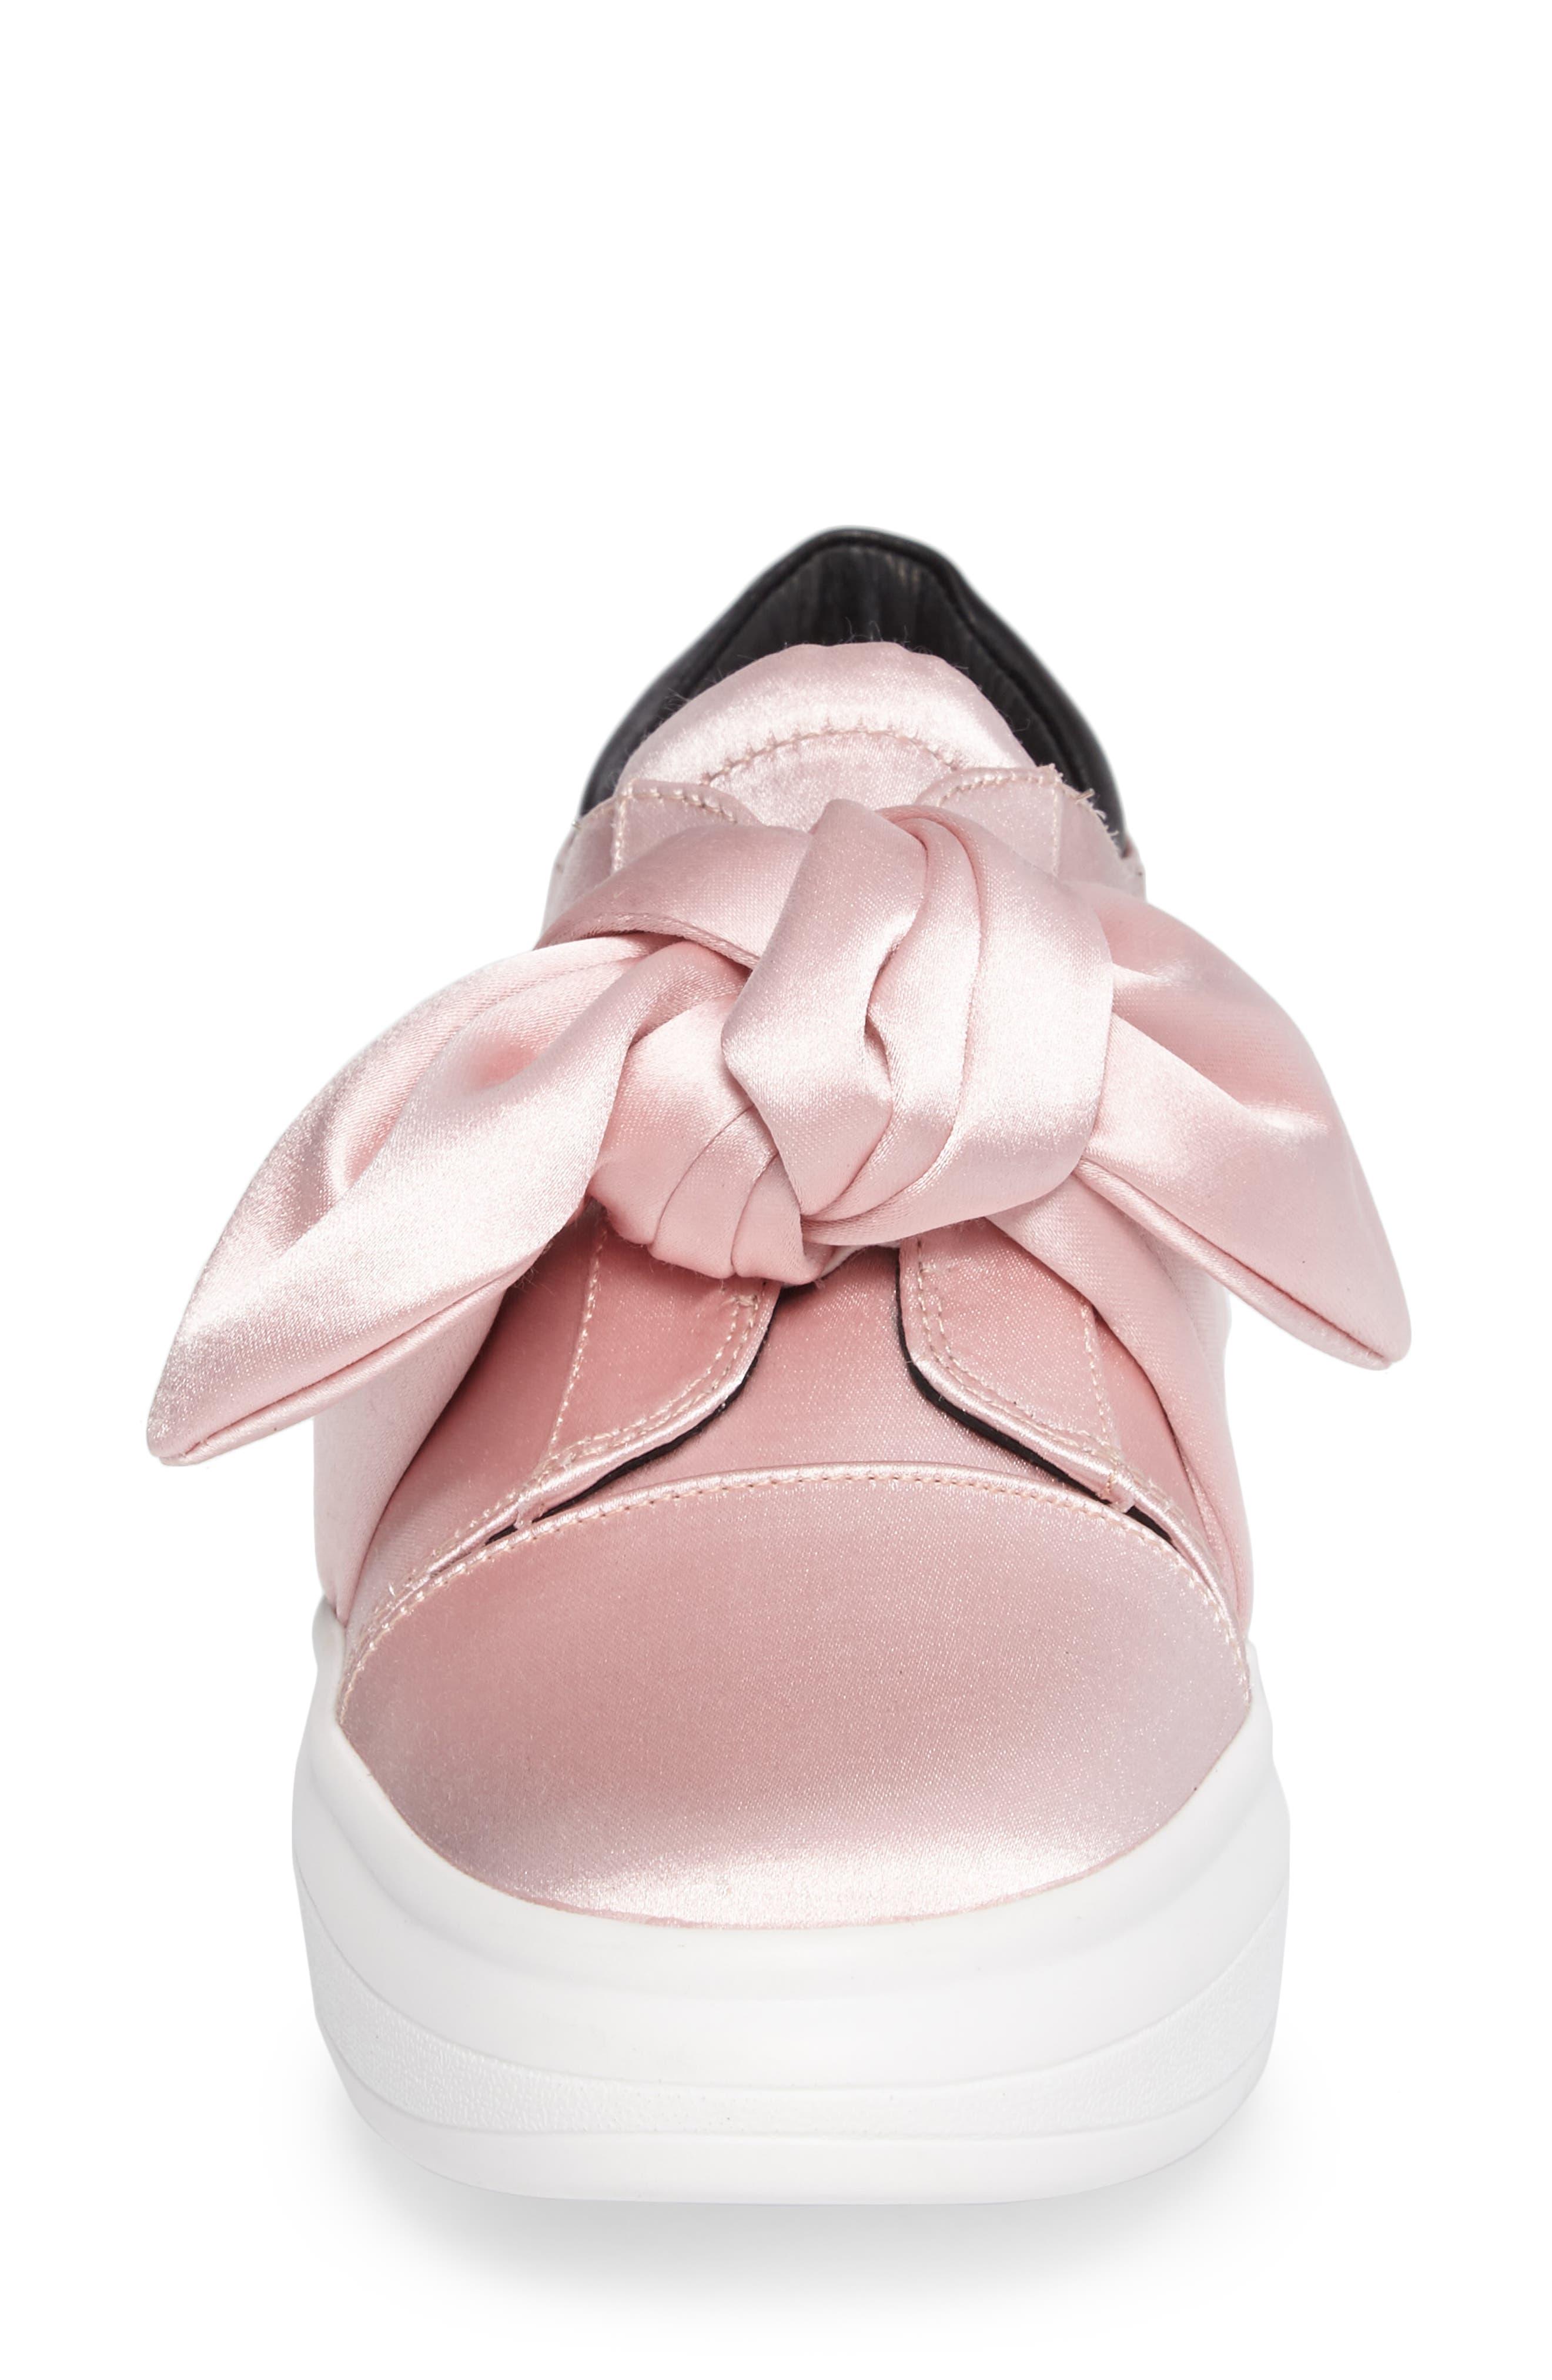 Edgar Slip-On Sneaker,                             Alternate thumbnail 4, color,                             650